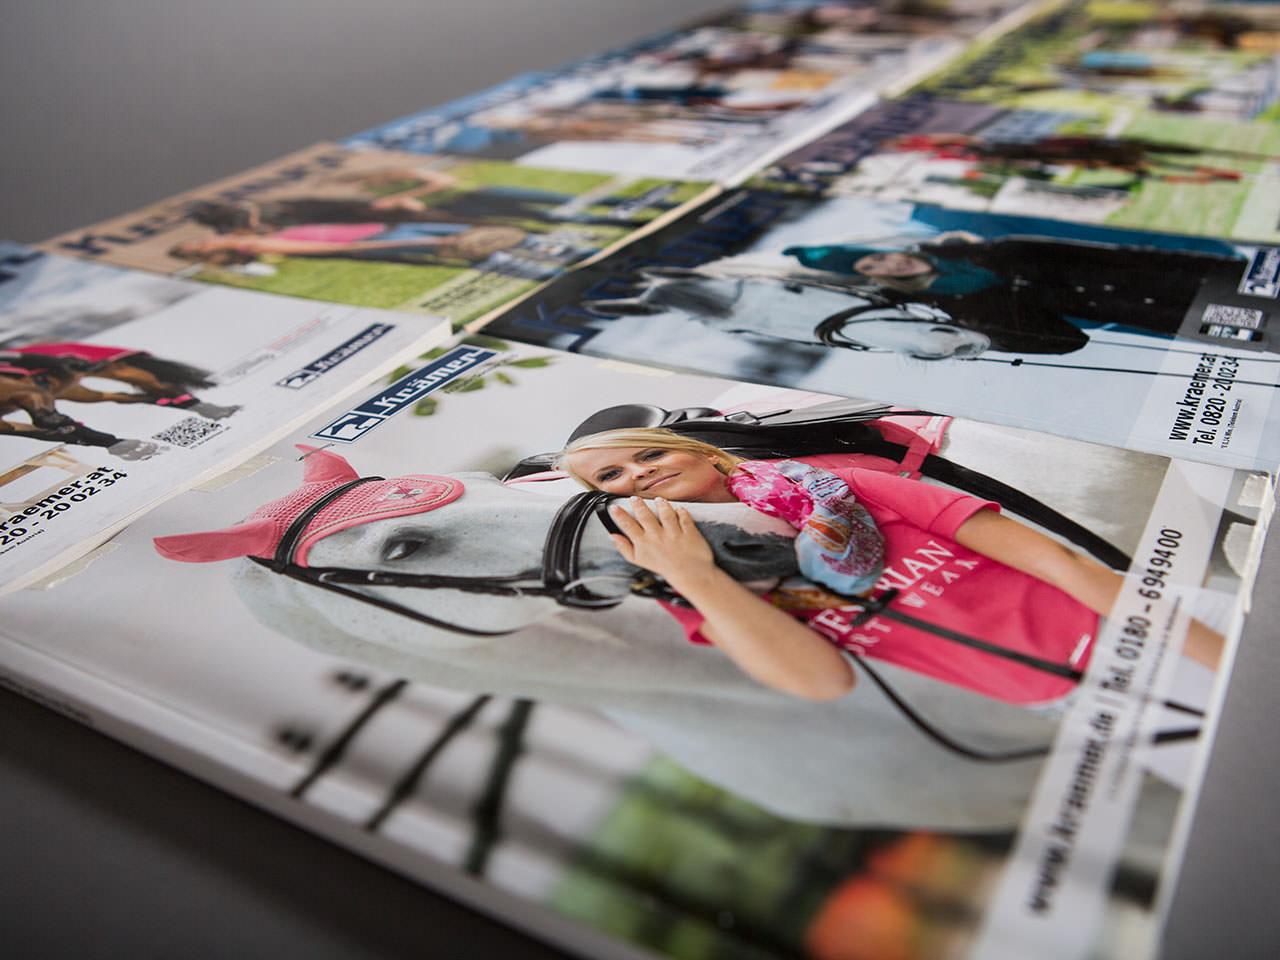 Sabath Media Werbeagentur - Krämer Pferdesport – Projektbeispiel - Referenzbild 3